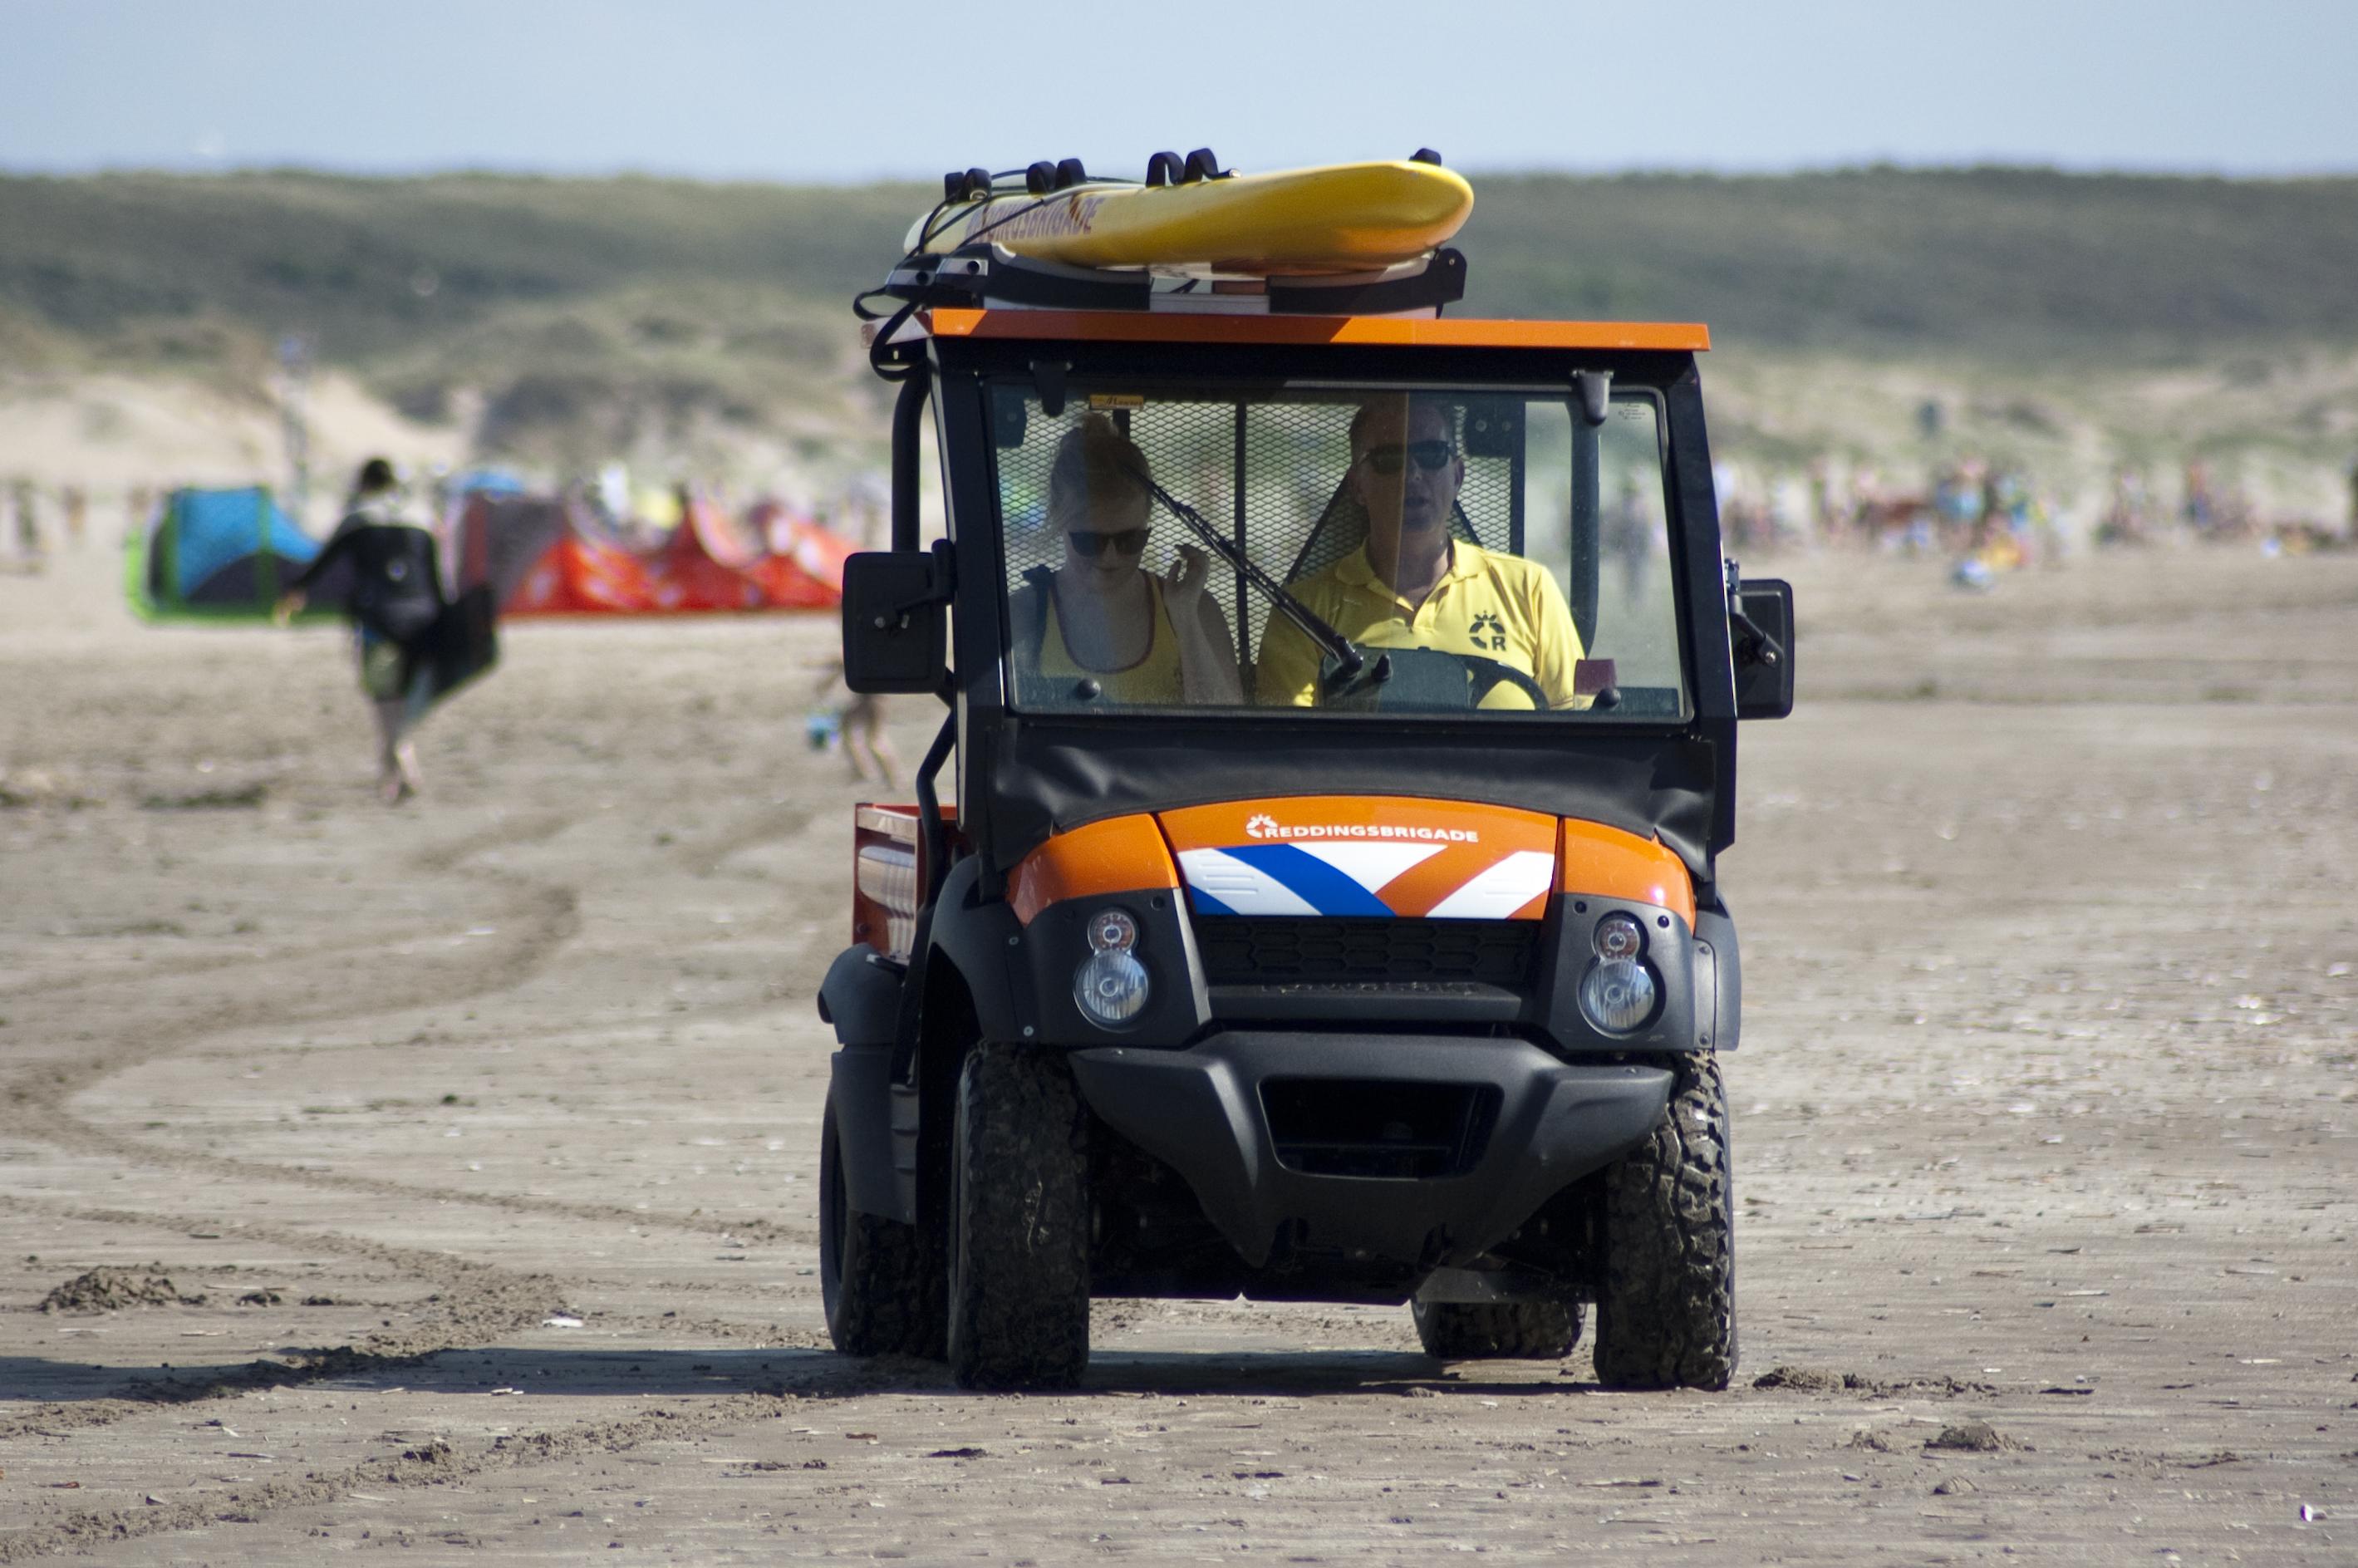 Mule lifeguard strand